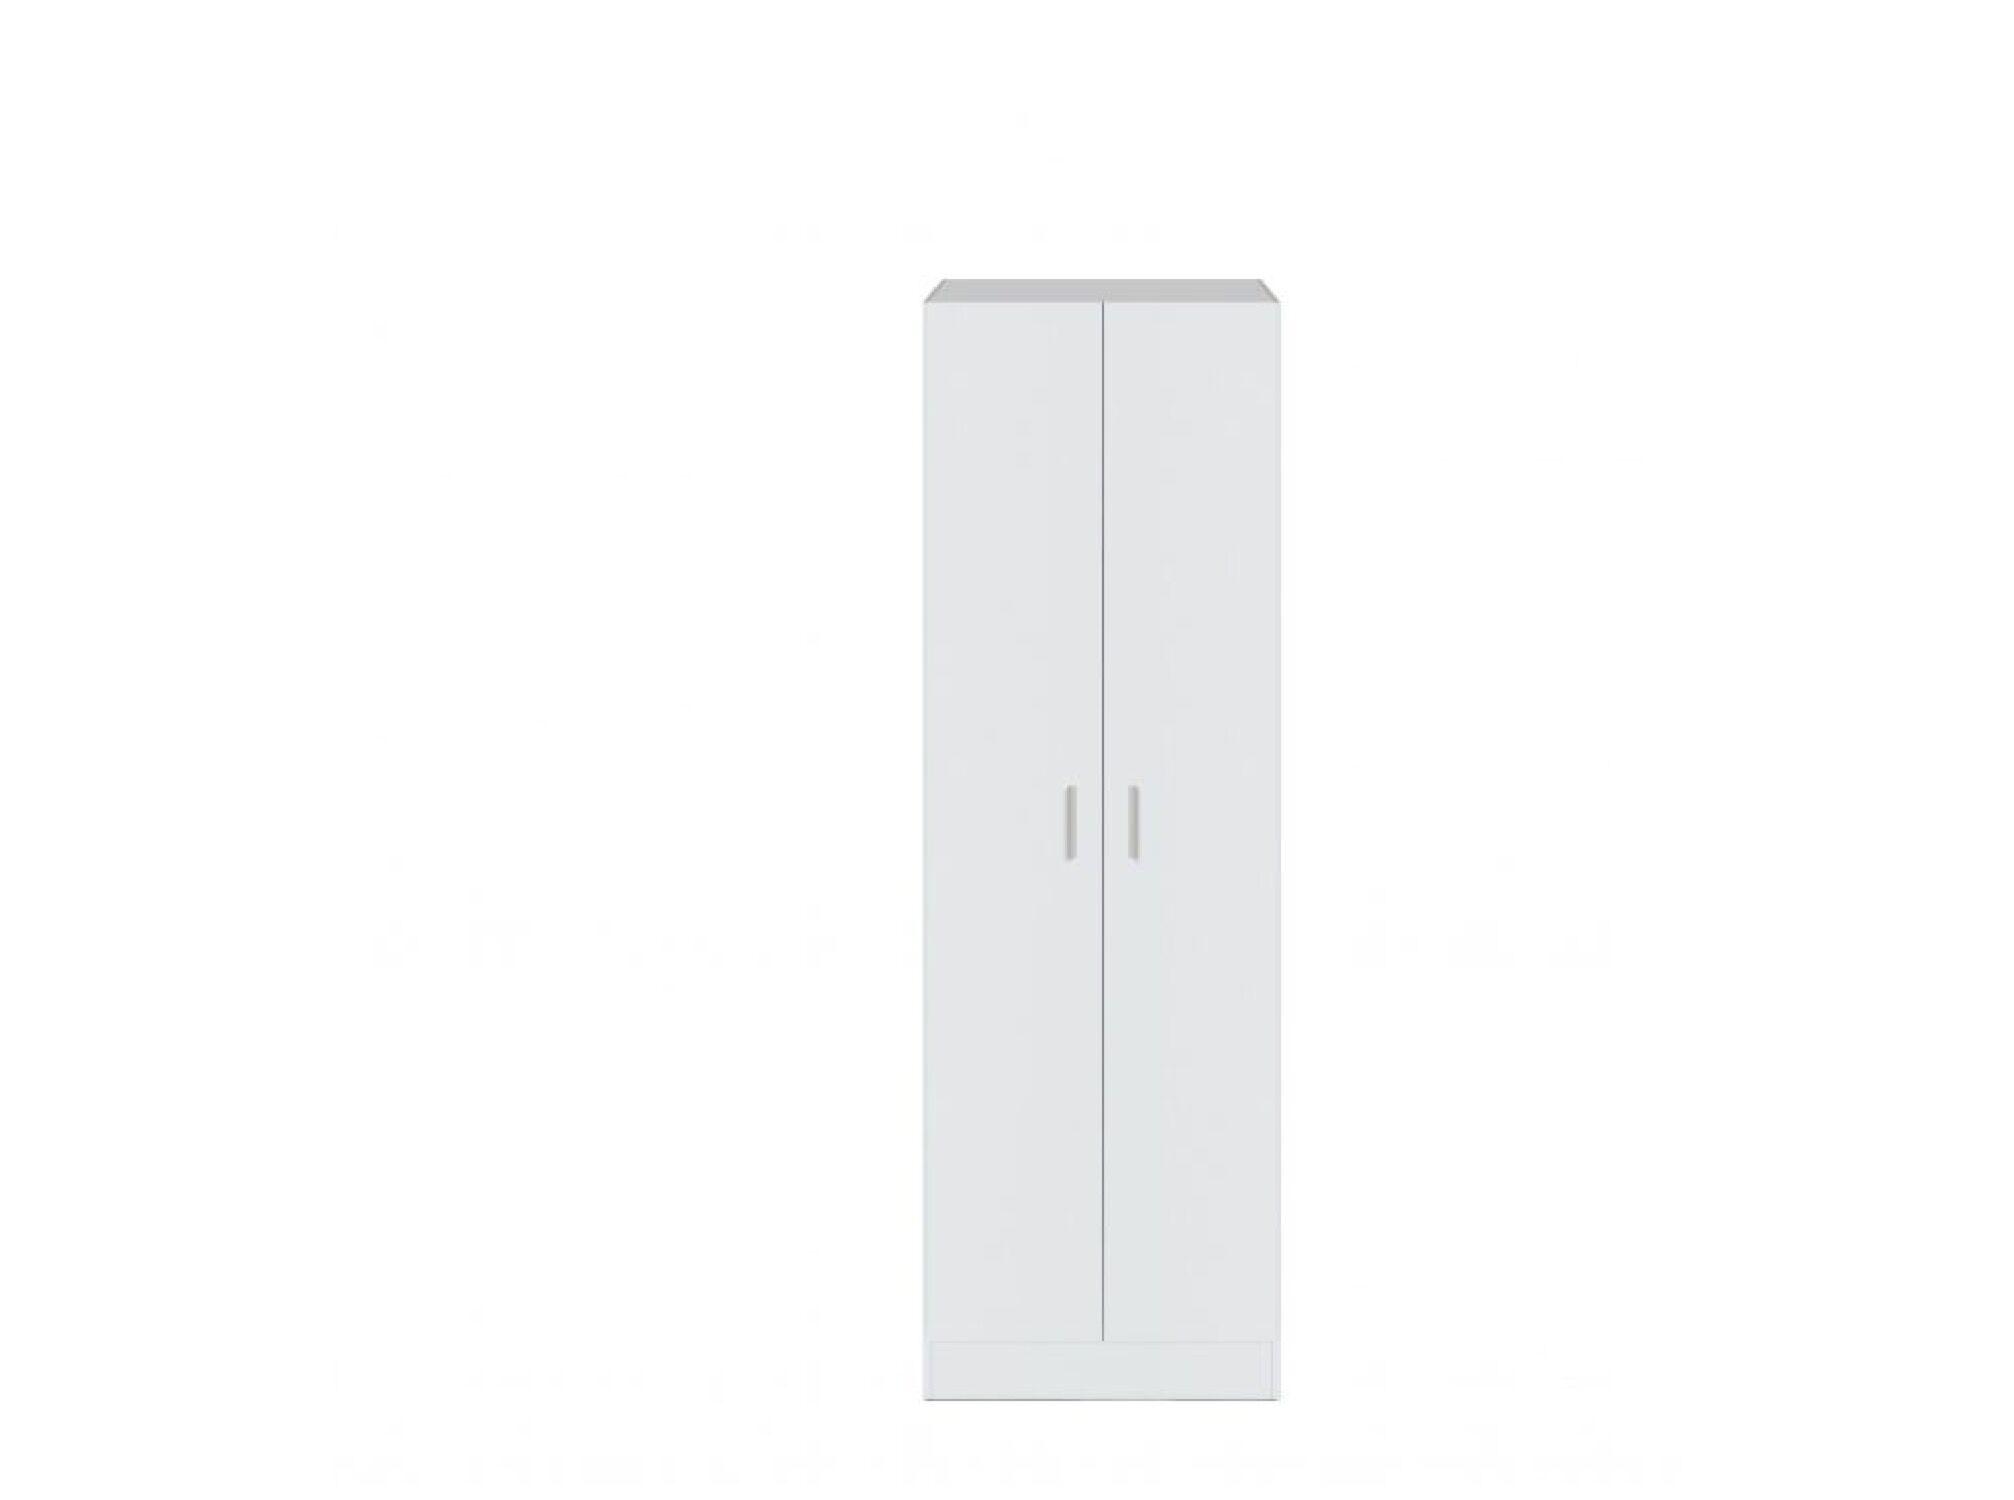 Usinestreet Armoire blanche 2 portes L58,5cm x H180cm